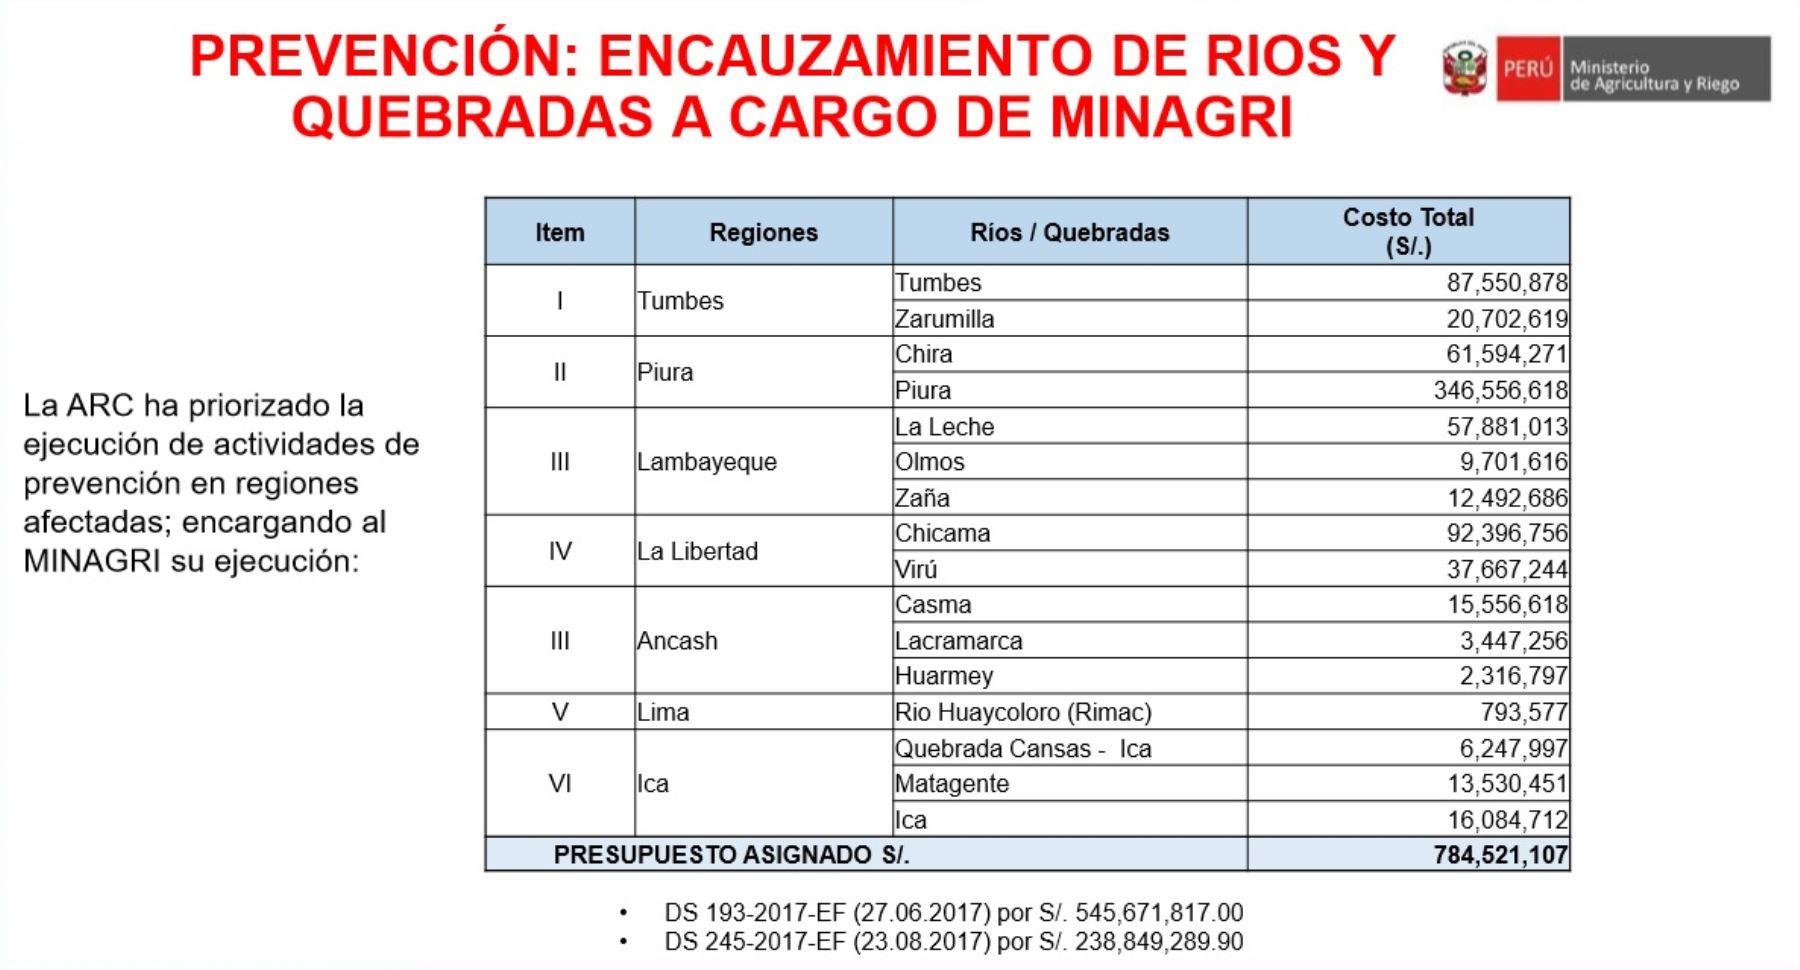 Hernández Calderón detalló que entre setiembre y diciembre de este año se destinará 784 millones 521,107 soles para trabajos de prevención en las regiones afectadas por El Niño Costero, las cuales incluyen encauzamiento de ríos y quebradas.